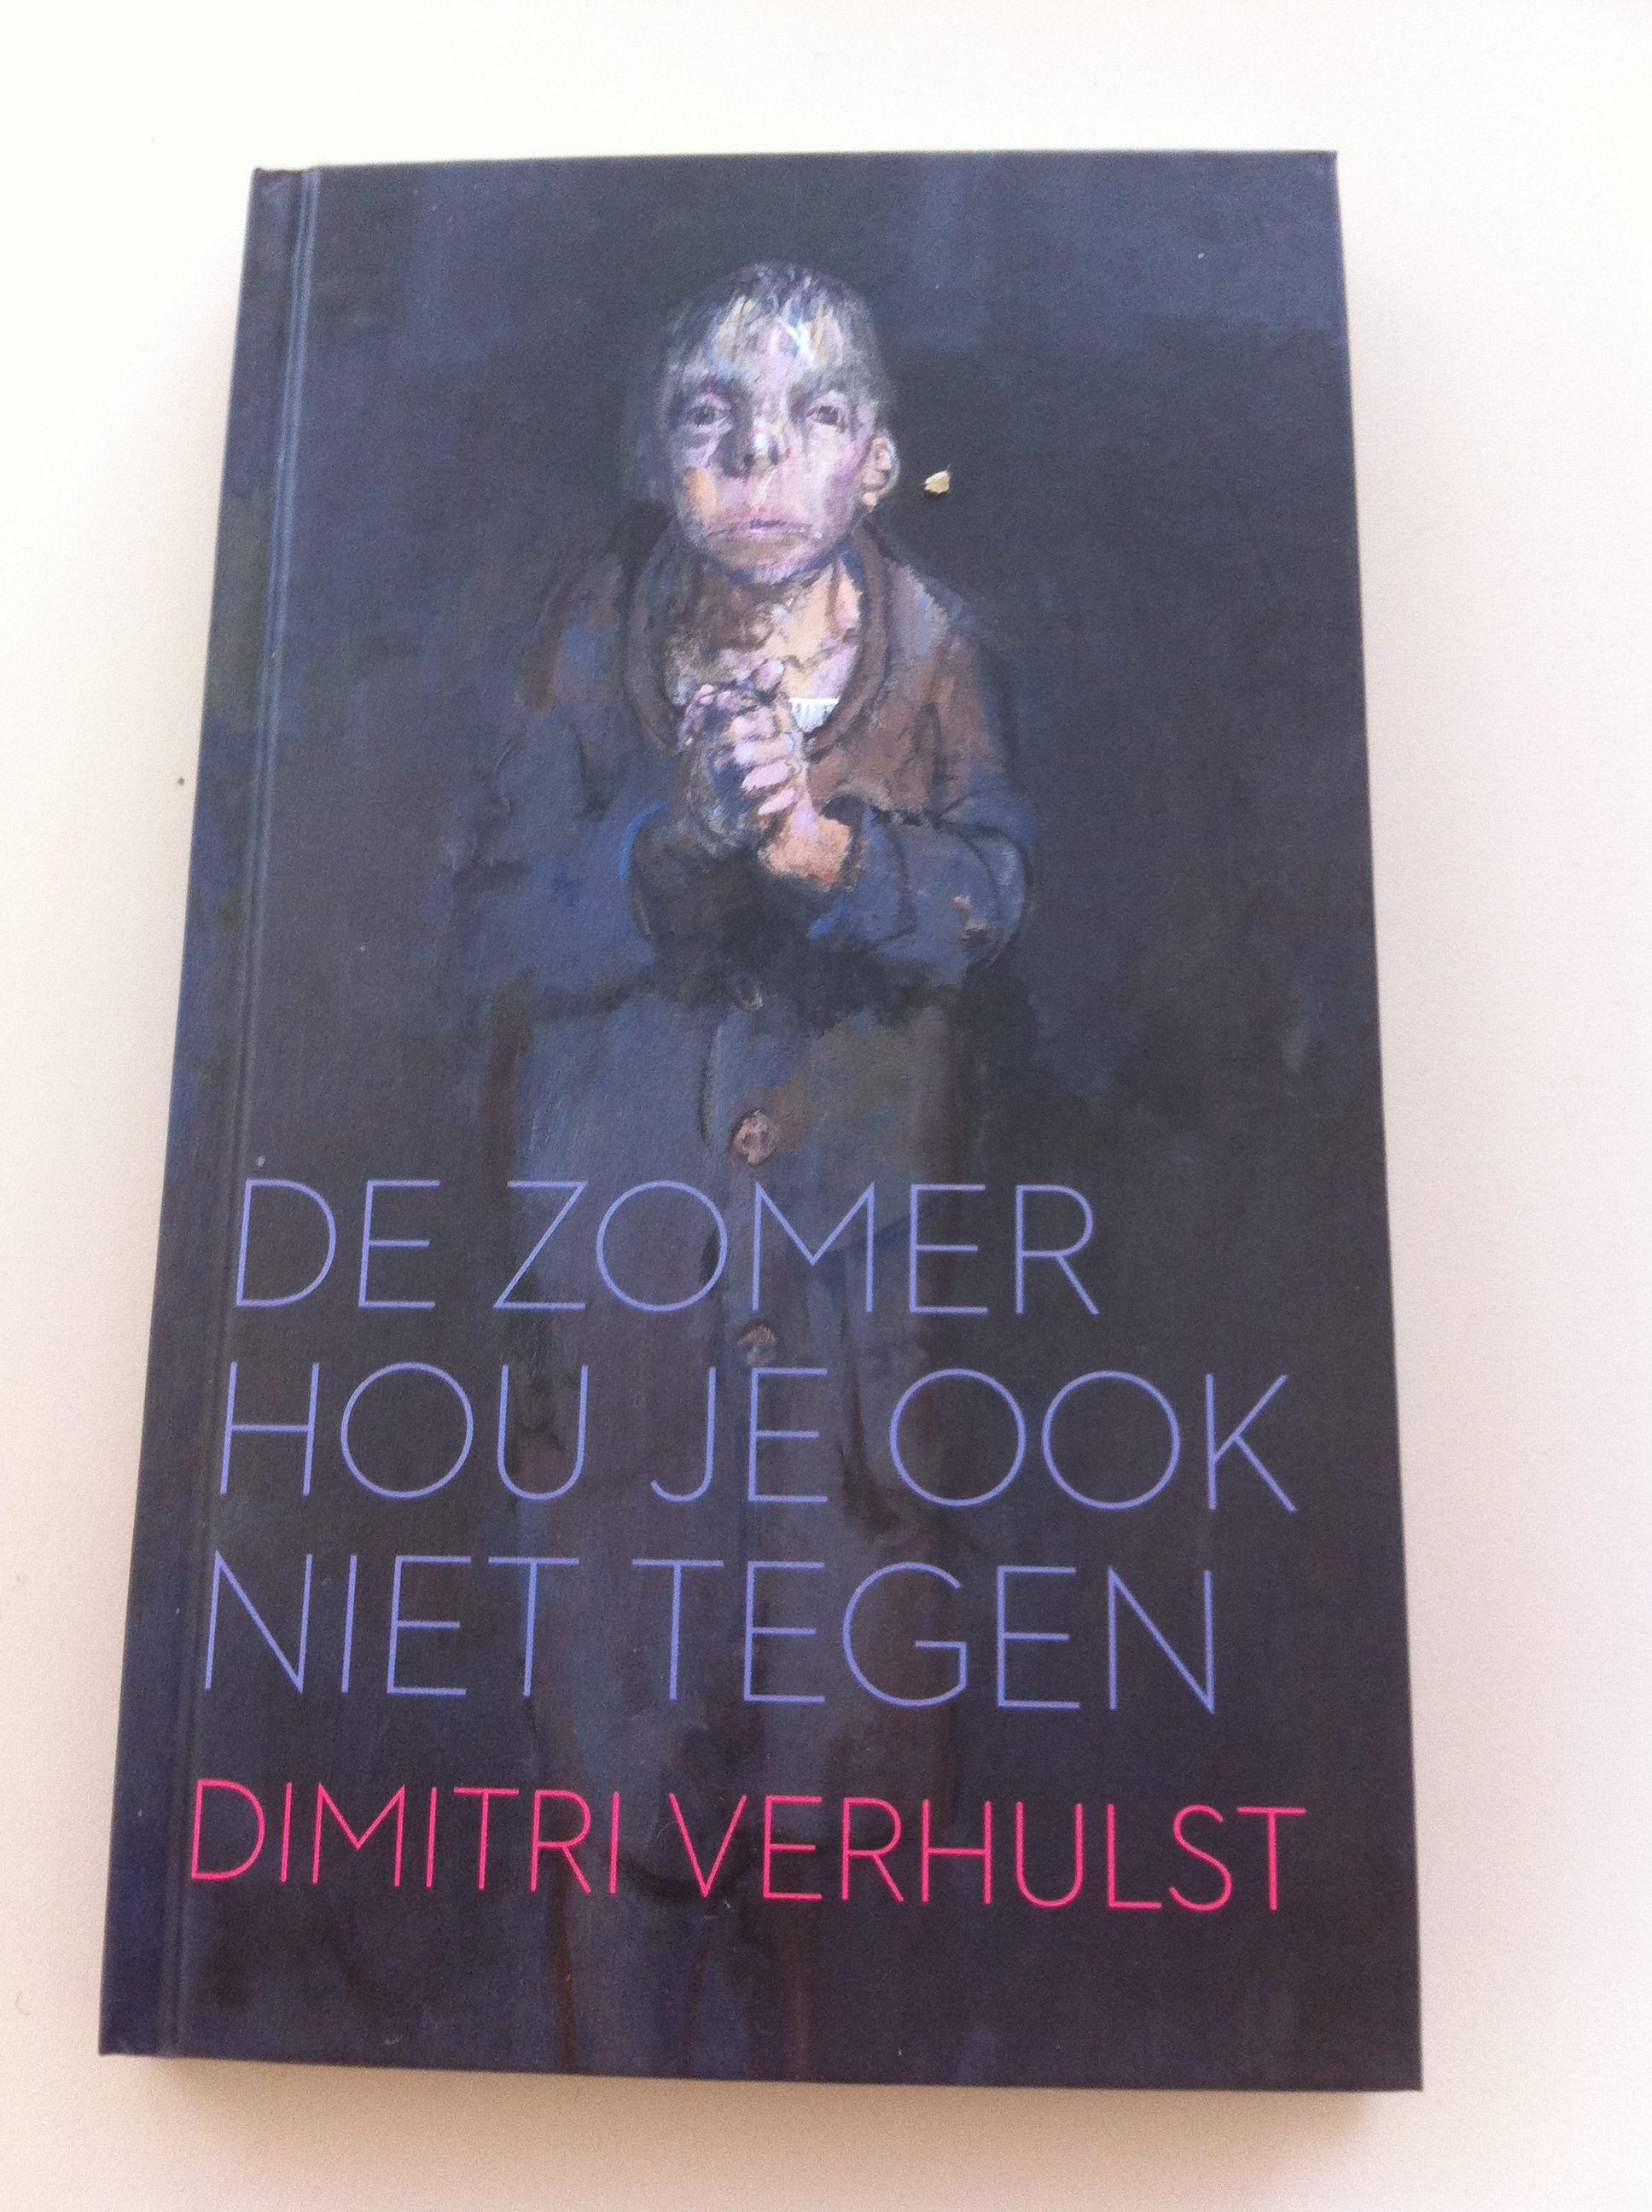 12/53 Het Boekenweekgeschenk! Een typische Dimitri Verhulst met prachtige, barokke zinnen.